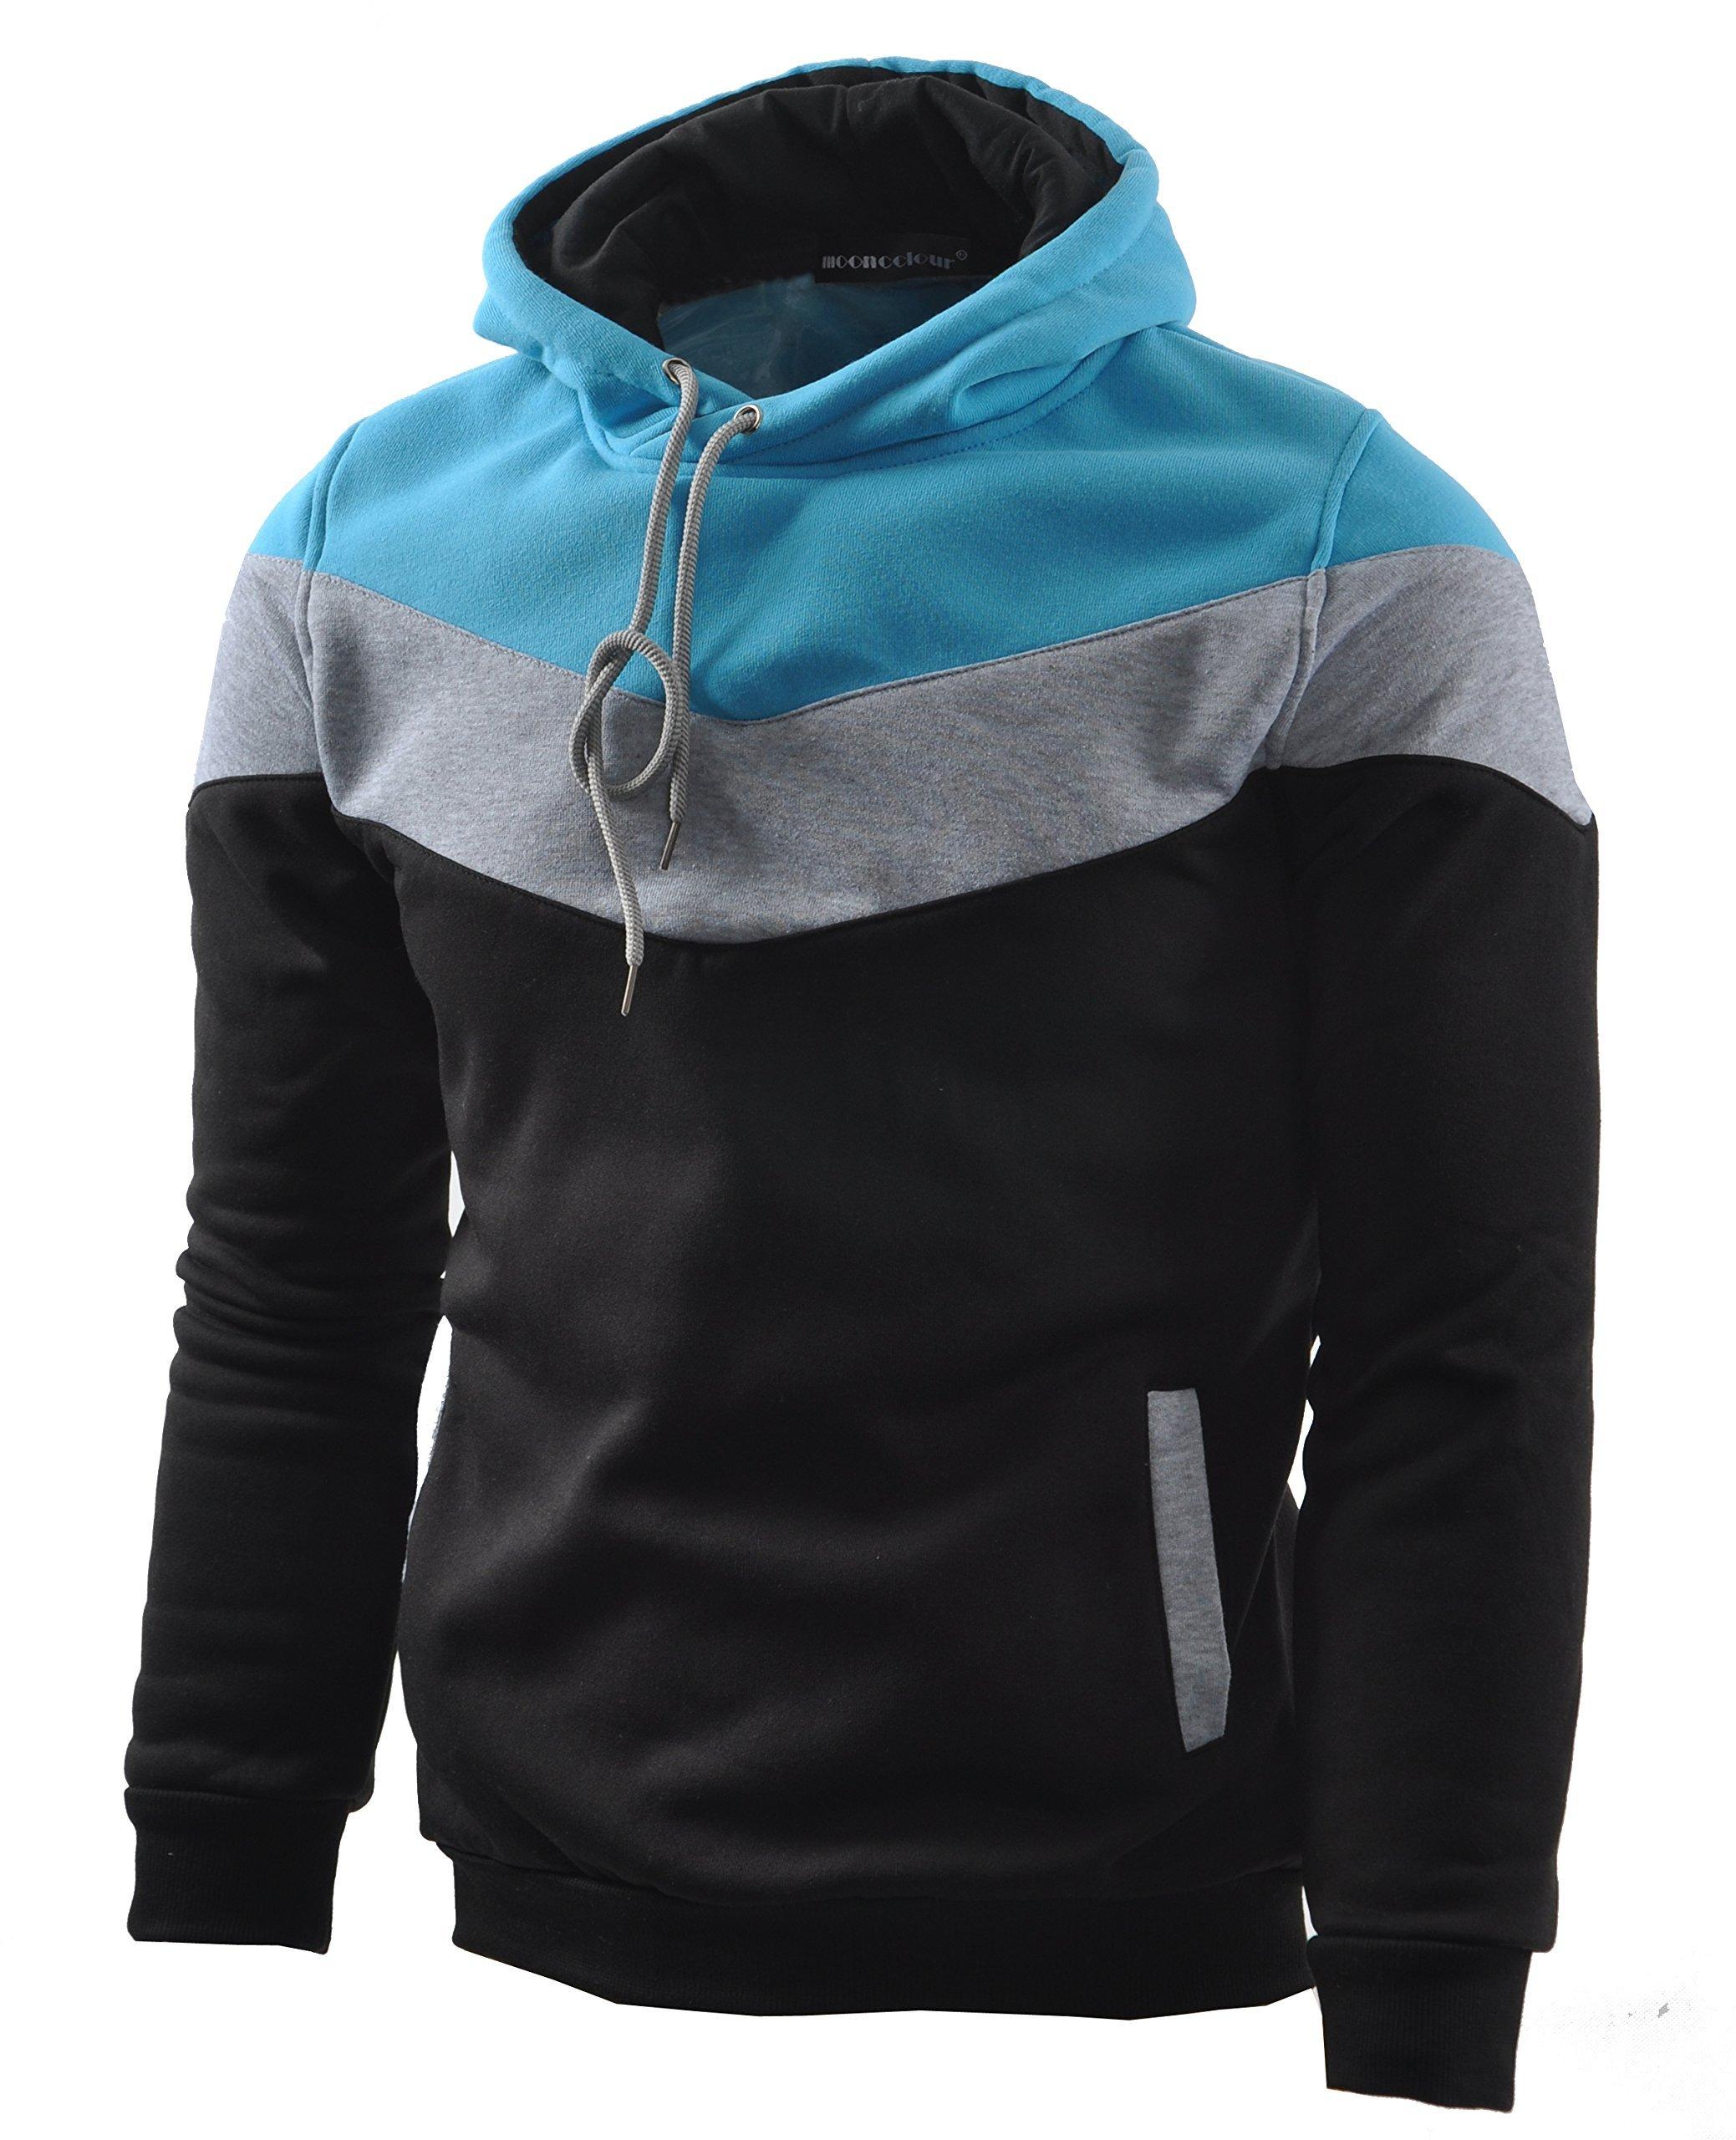 Mooncolour Mens Novelty Color Block Hoodies Cozy Sport Autumn Outwear, Black, US X-Large by Mooncolour